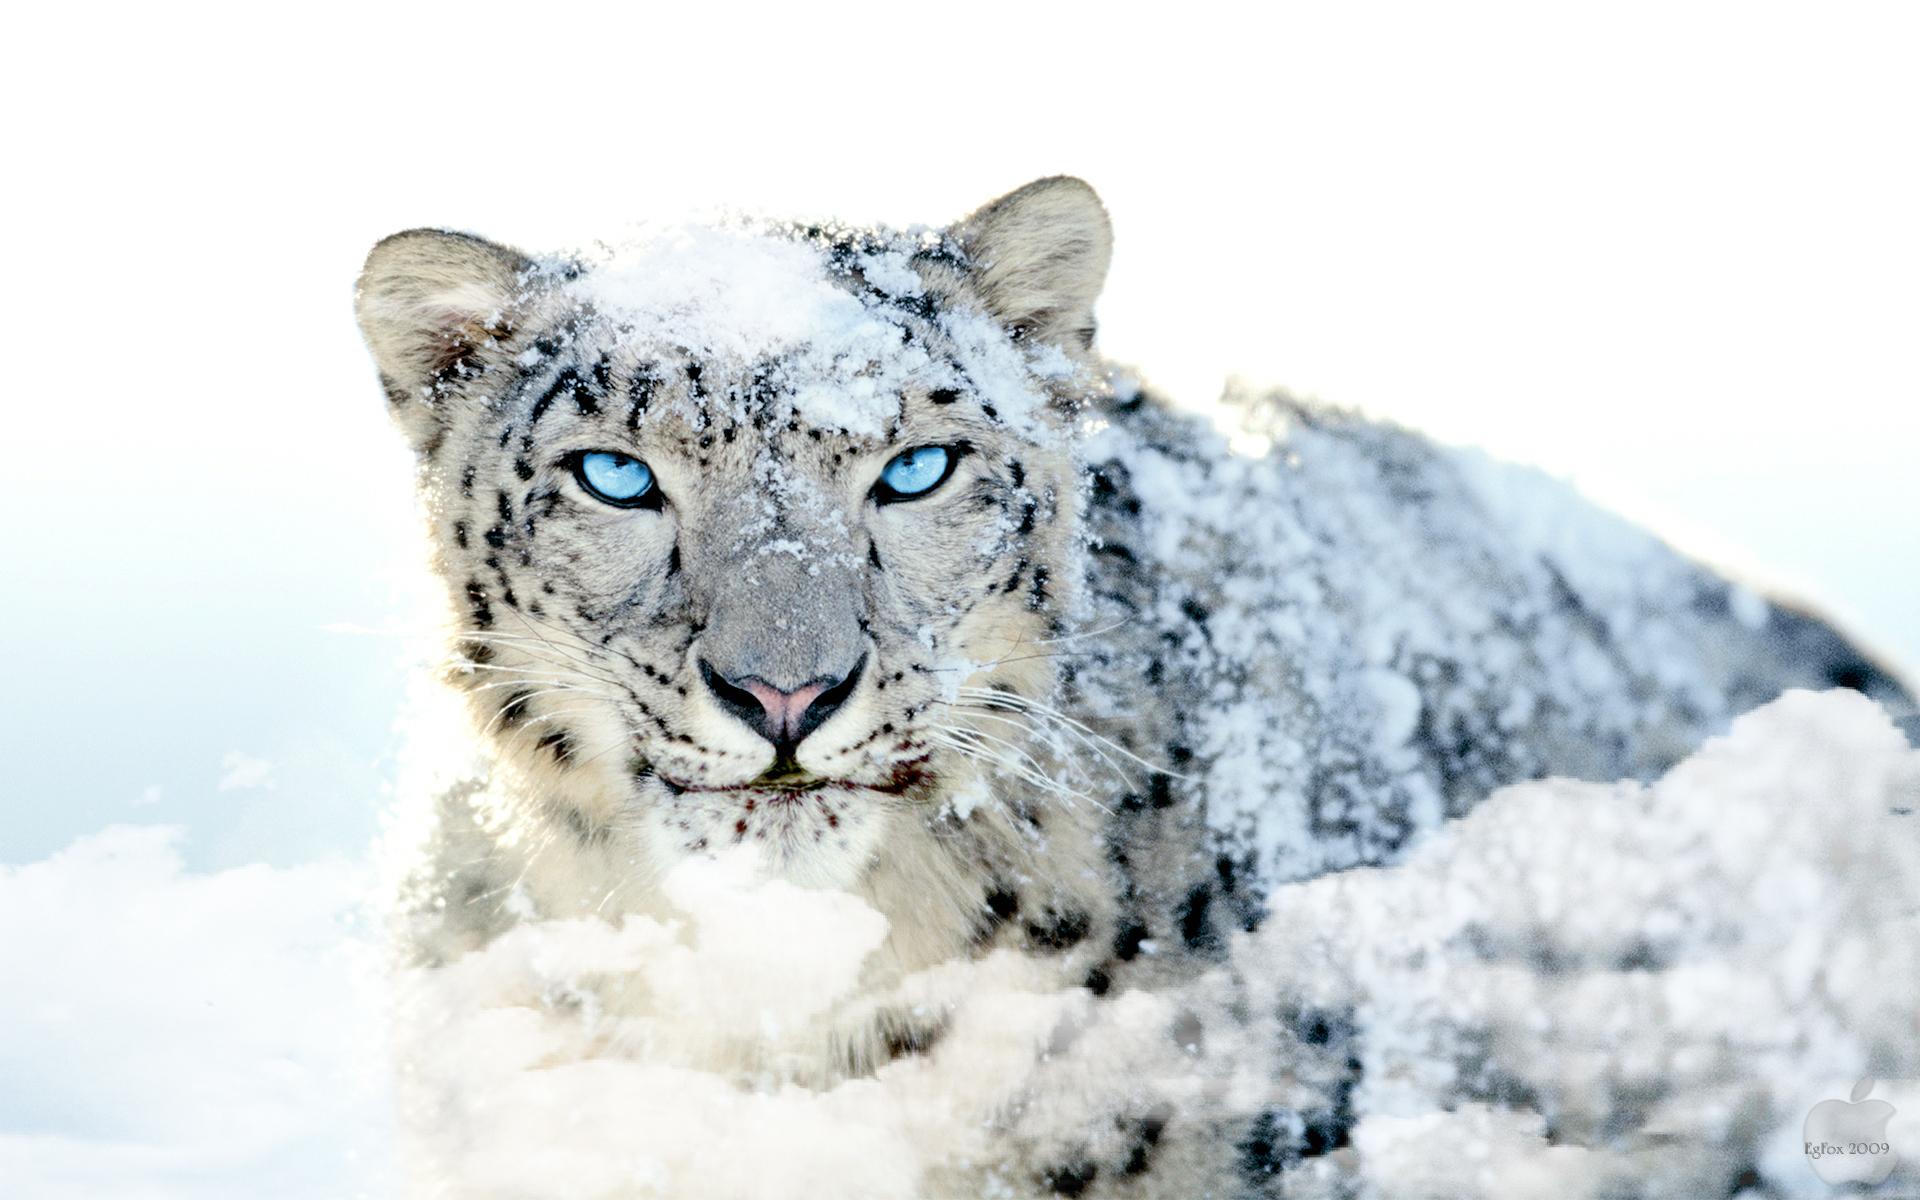 EgFox Snow Leopard HD Blue Eye by Eg Art Mükemmel HD Resimler